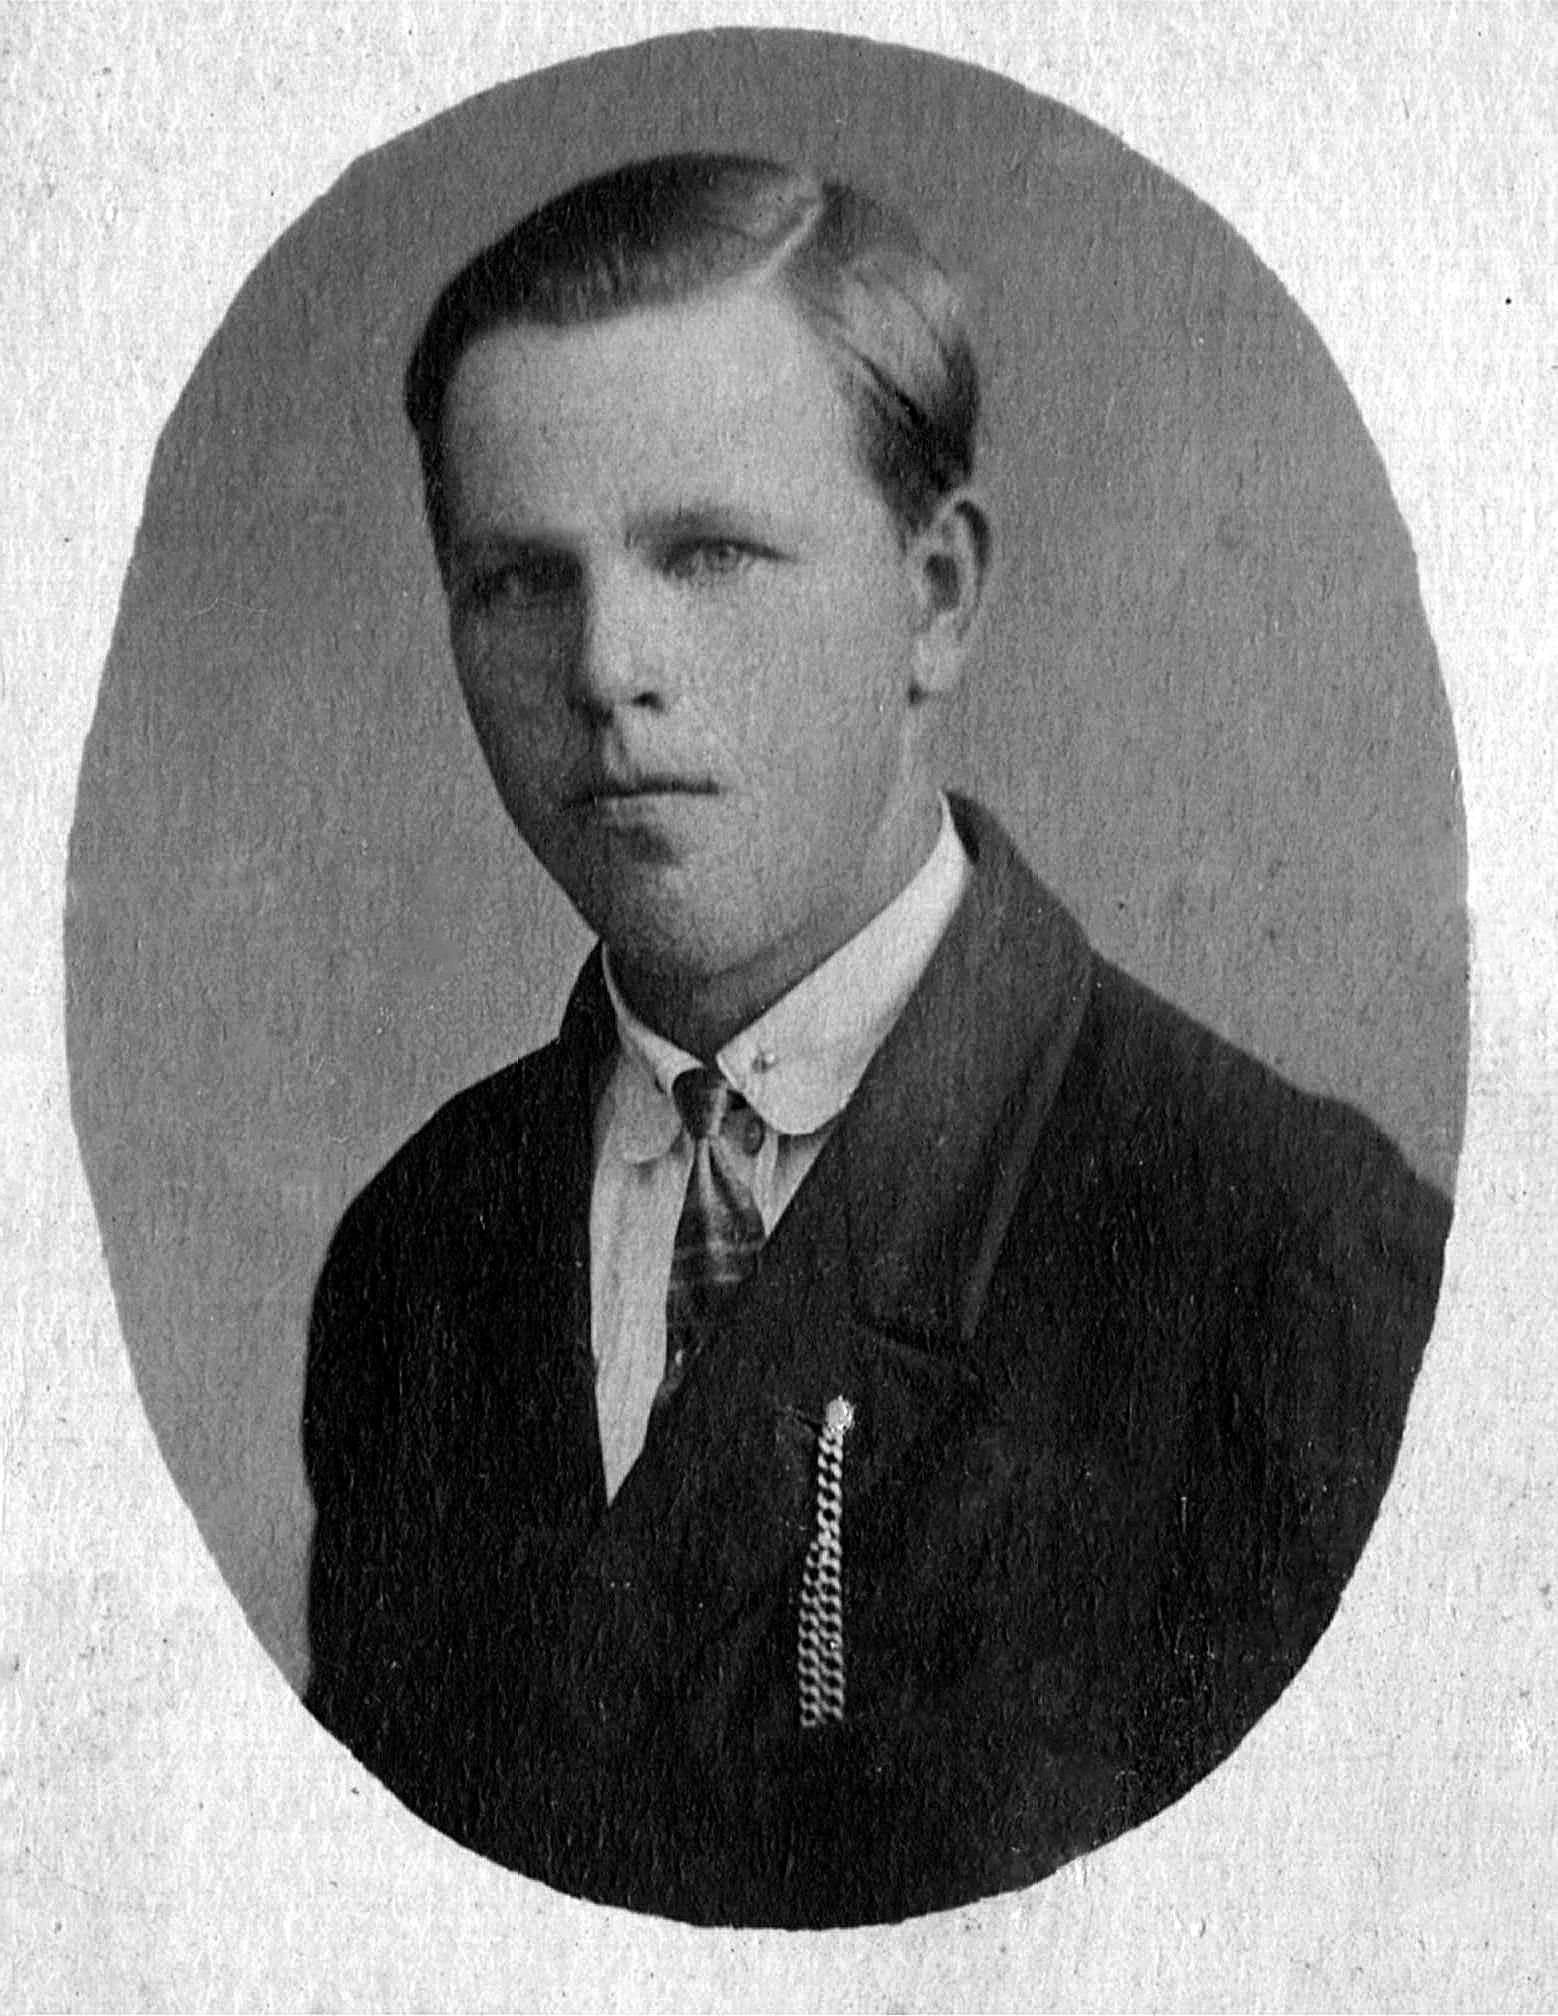 Лебедев Василий Иванович фото 1931 года из семейного архива Назаренковой Т.Н.